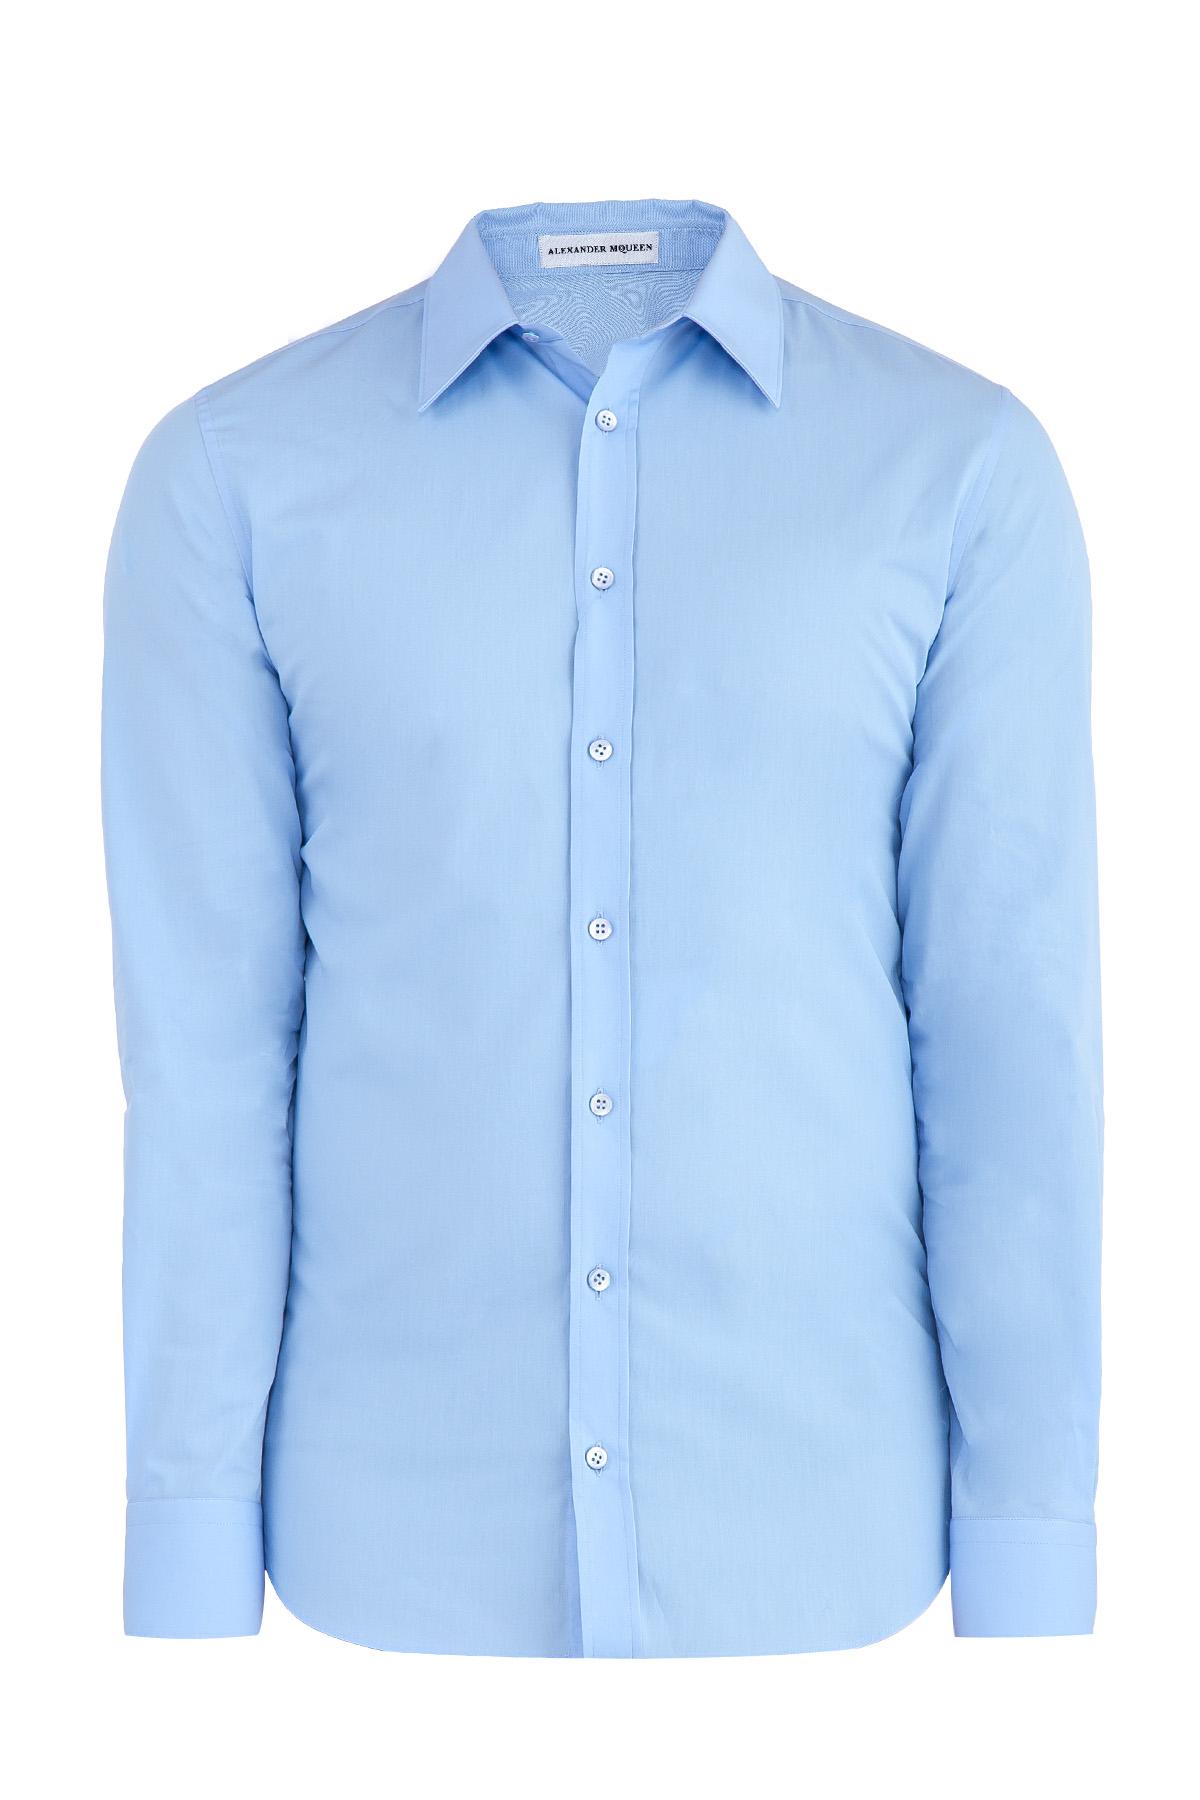 Купить Рубашка, ALEXANDER MCQUEEN, Италия, хлопок 97%, эластан 3%